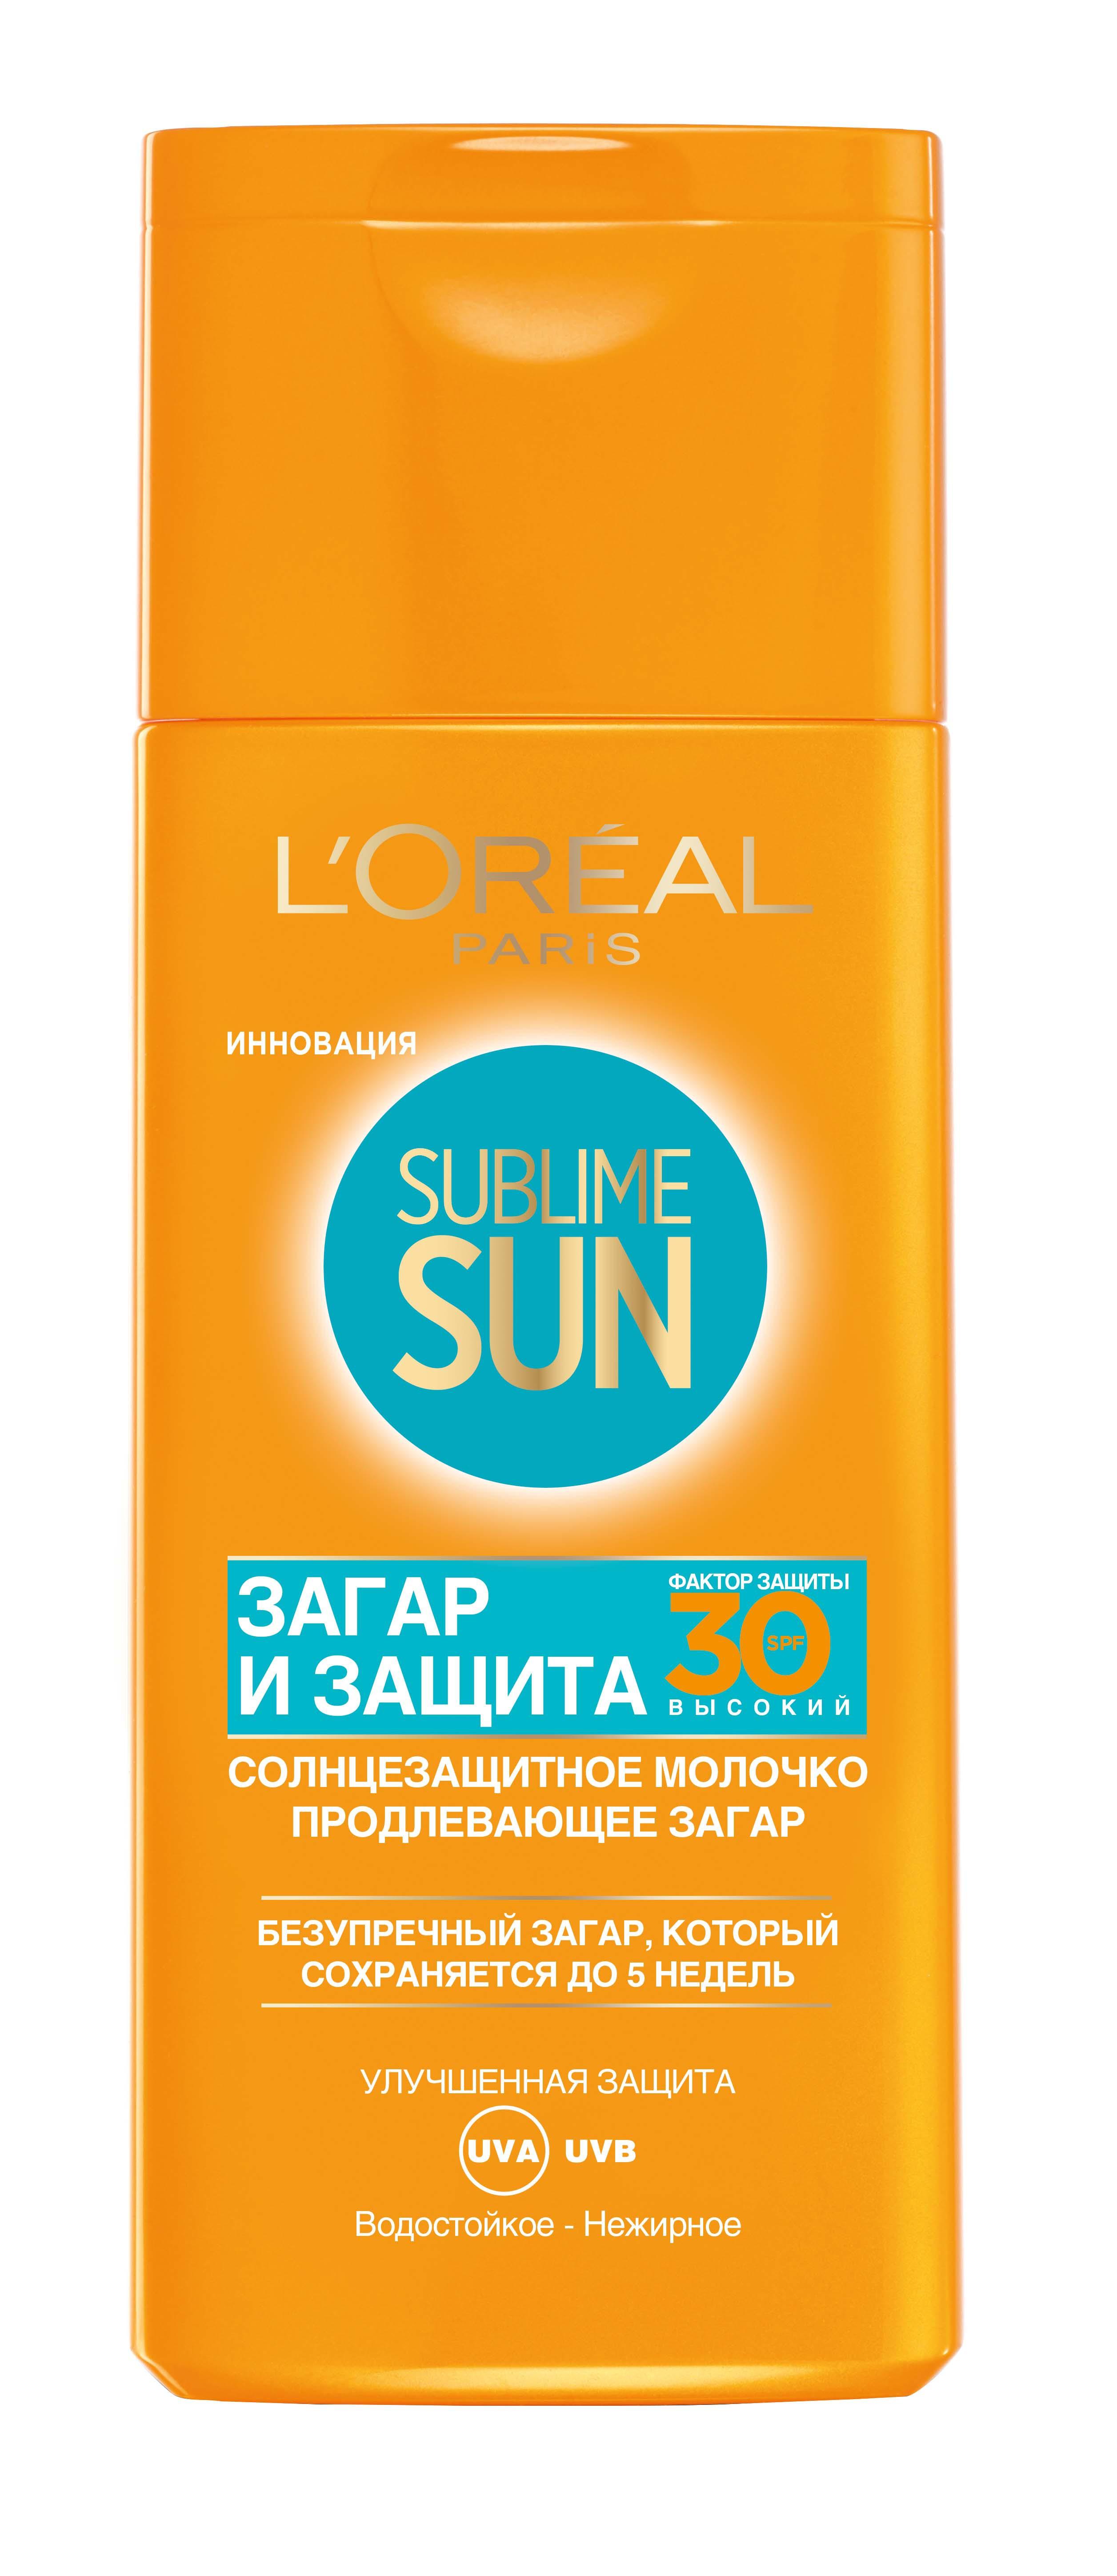 L'Oreal Paris Sublime Sun Молочко для тела Загар и Защита, солнцезащитное, SPF 30, 200 мл набор защита от загара с spf 50